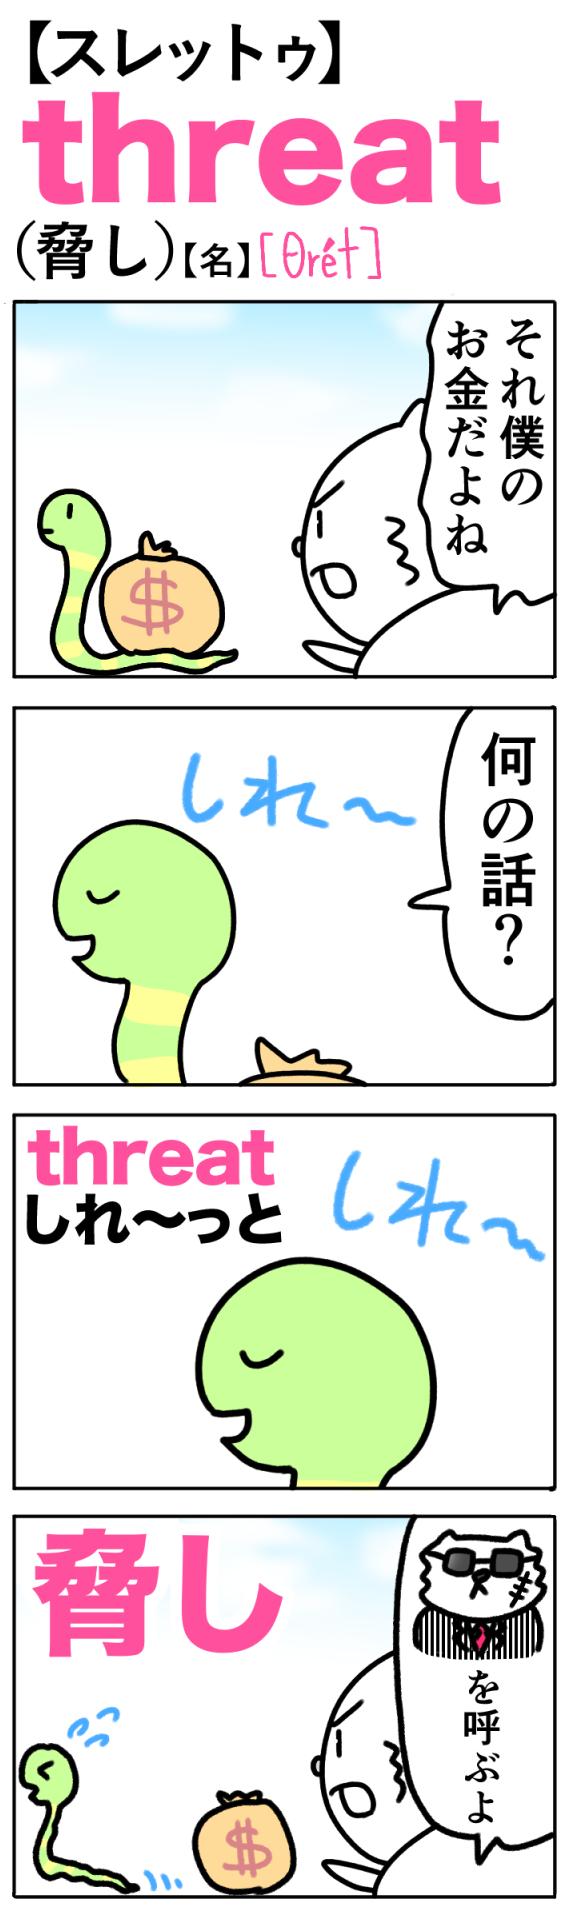 threat(脅し)の語呂合わせ英単語